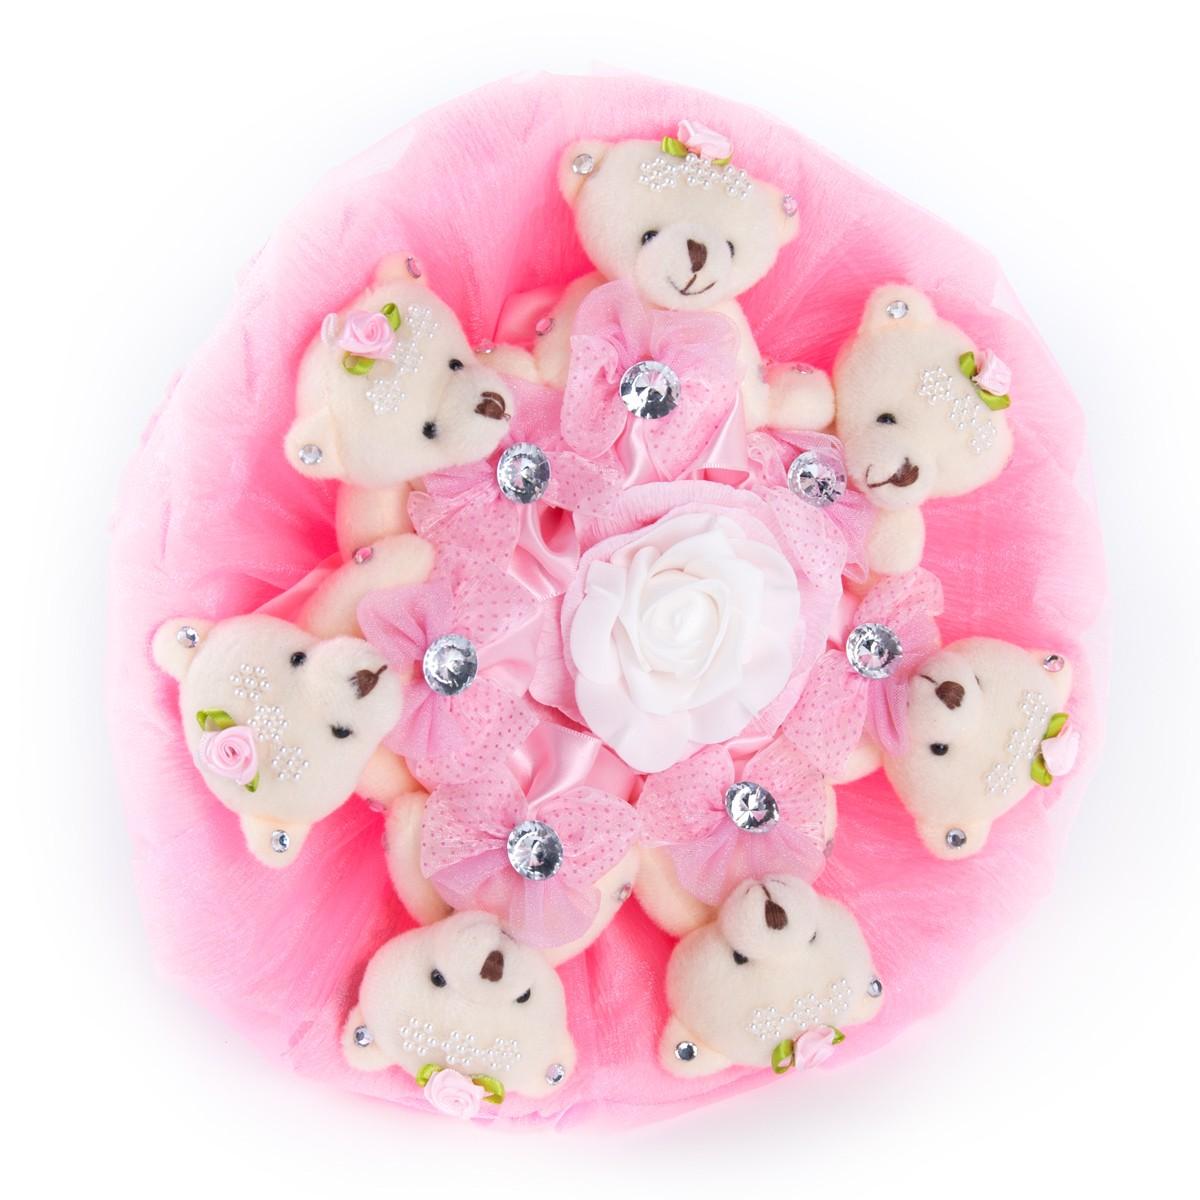 Букет из игрушек ( 5 медведей) фото в интернет-магазине Шарики 24